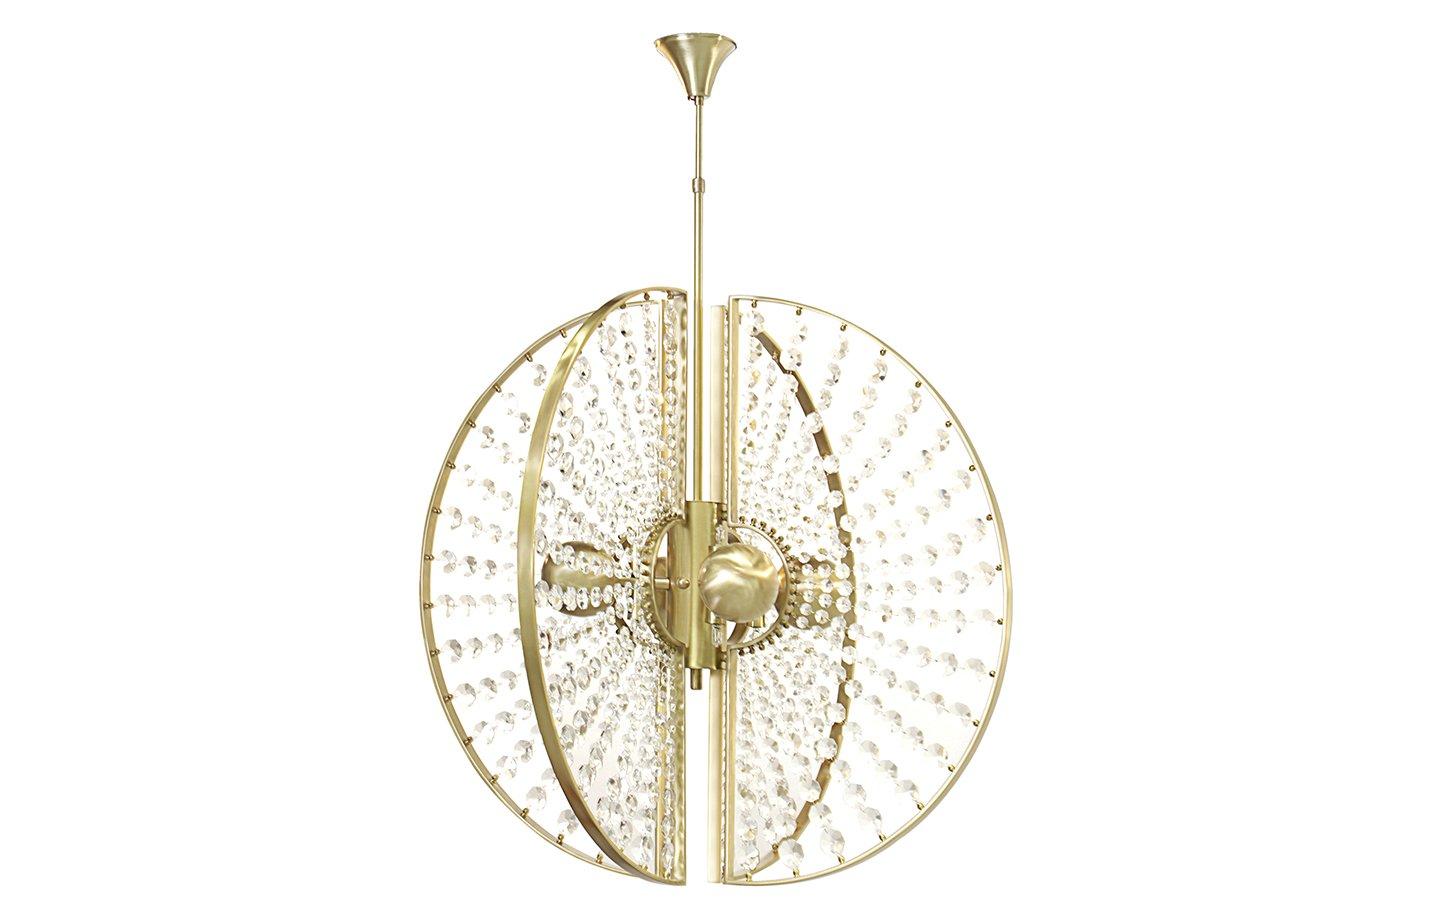 Roxy chandelier light – Brass